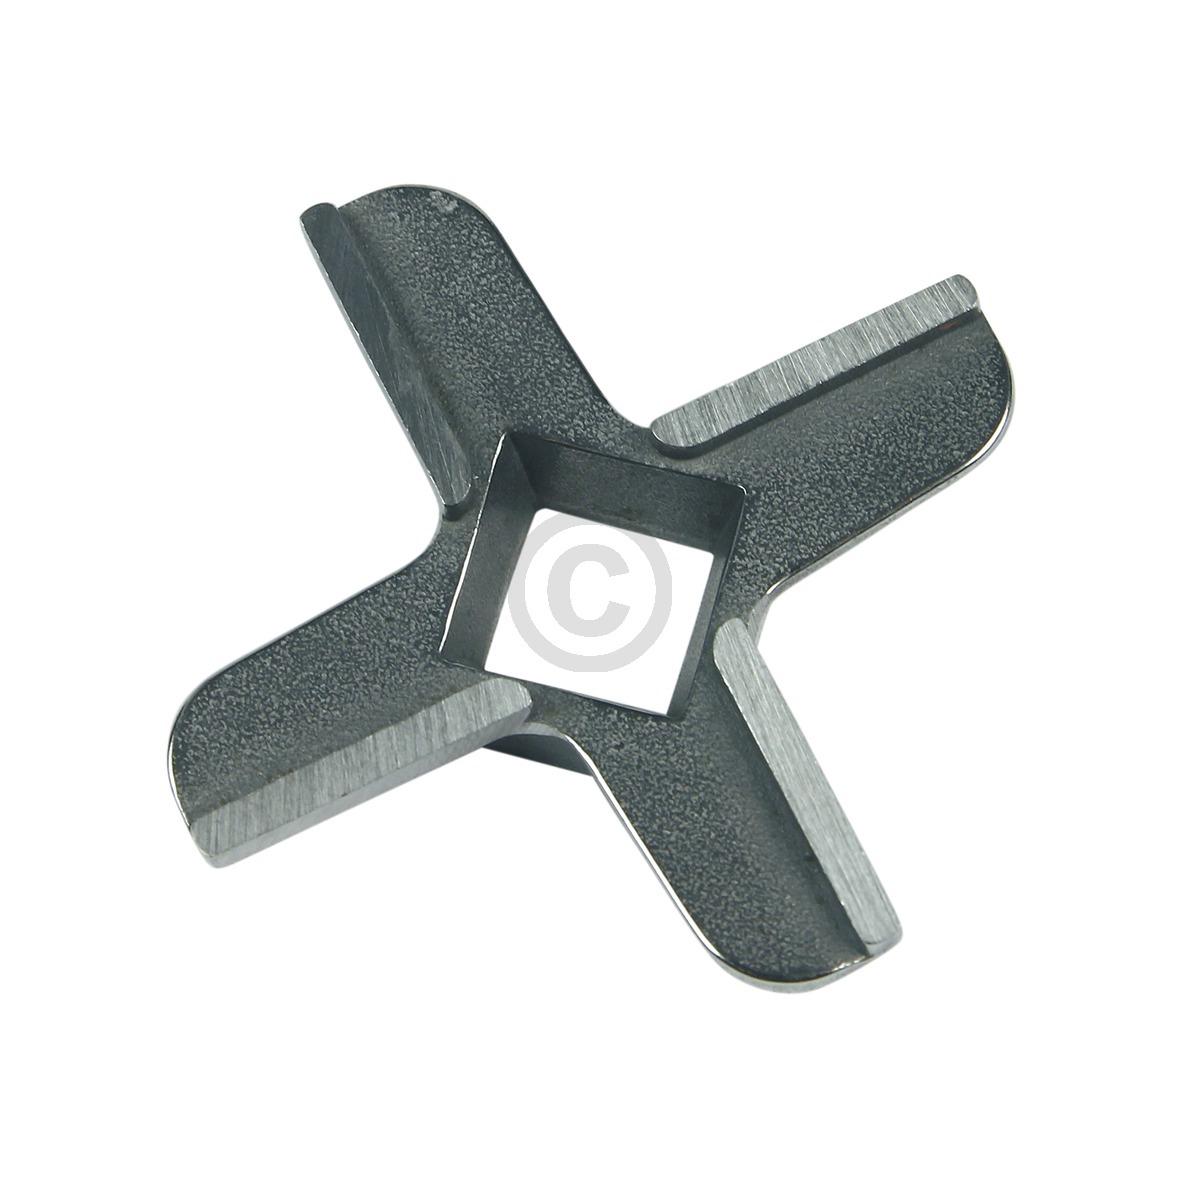 Messereinsatz Ersatzmesser Messer Sechskant Aufnahme Moulinex HV2 und HV4